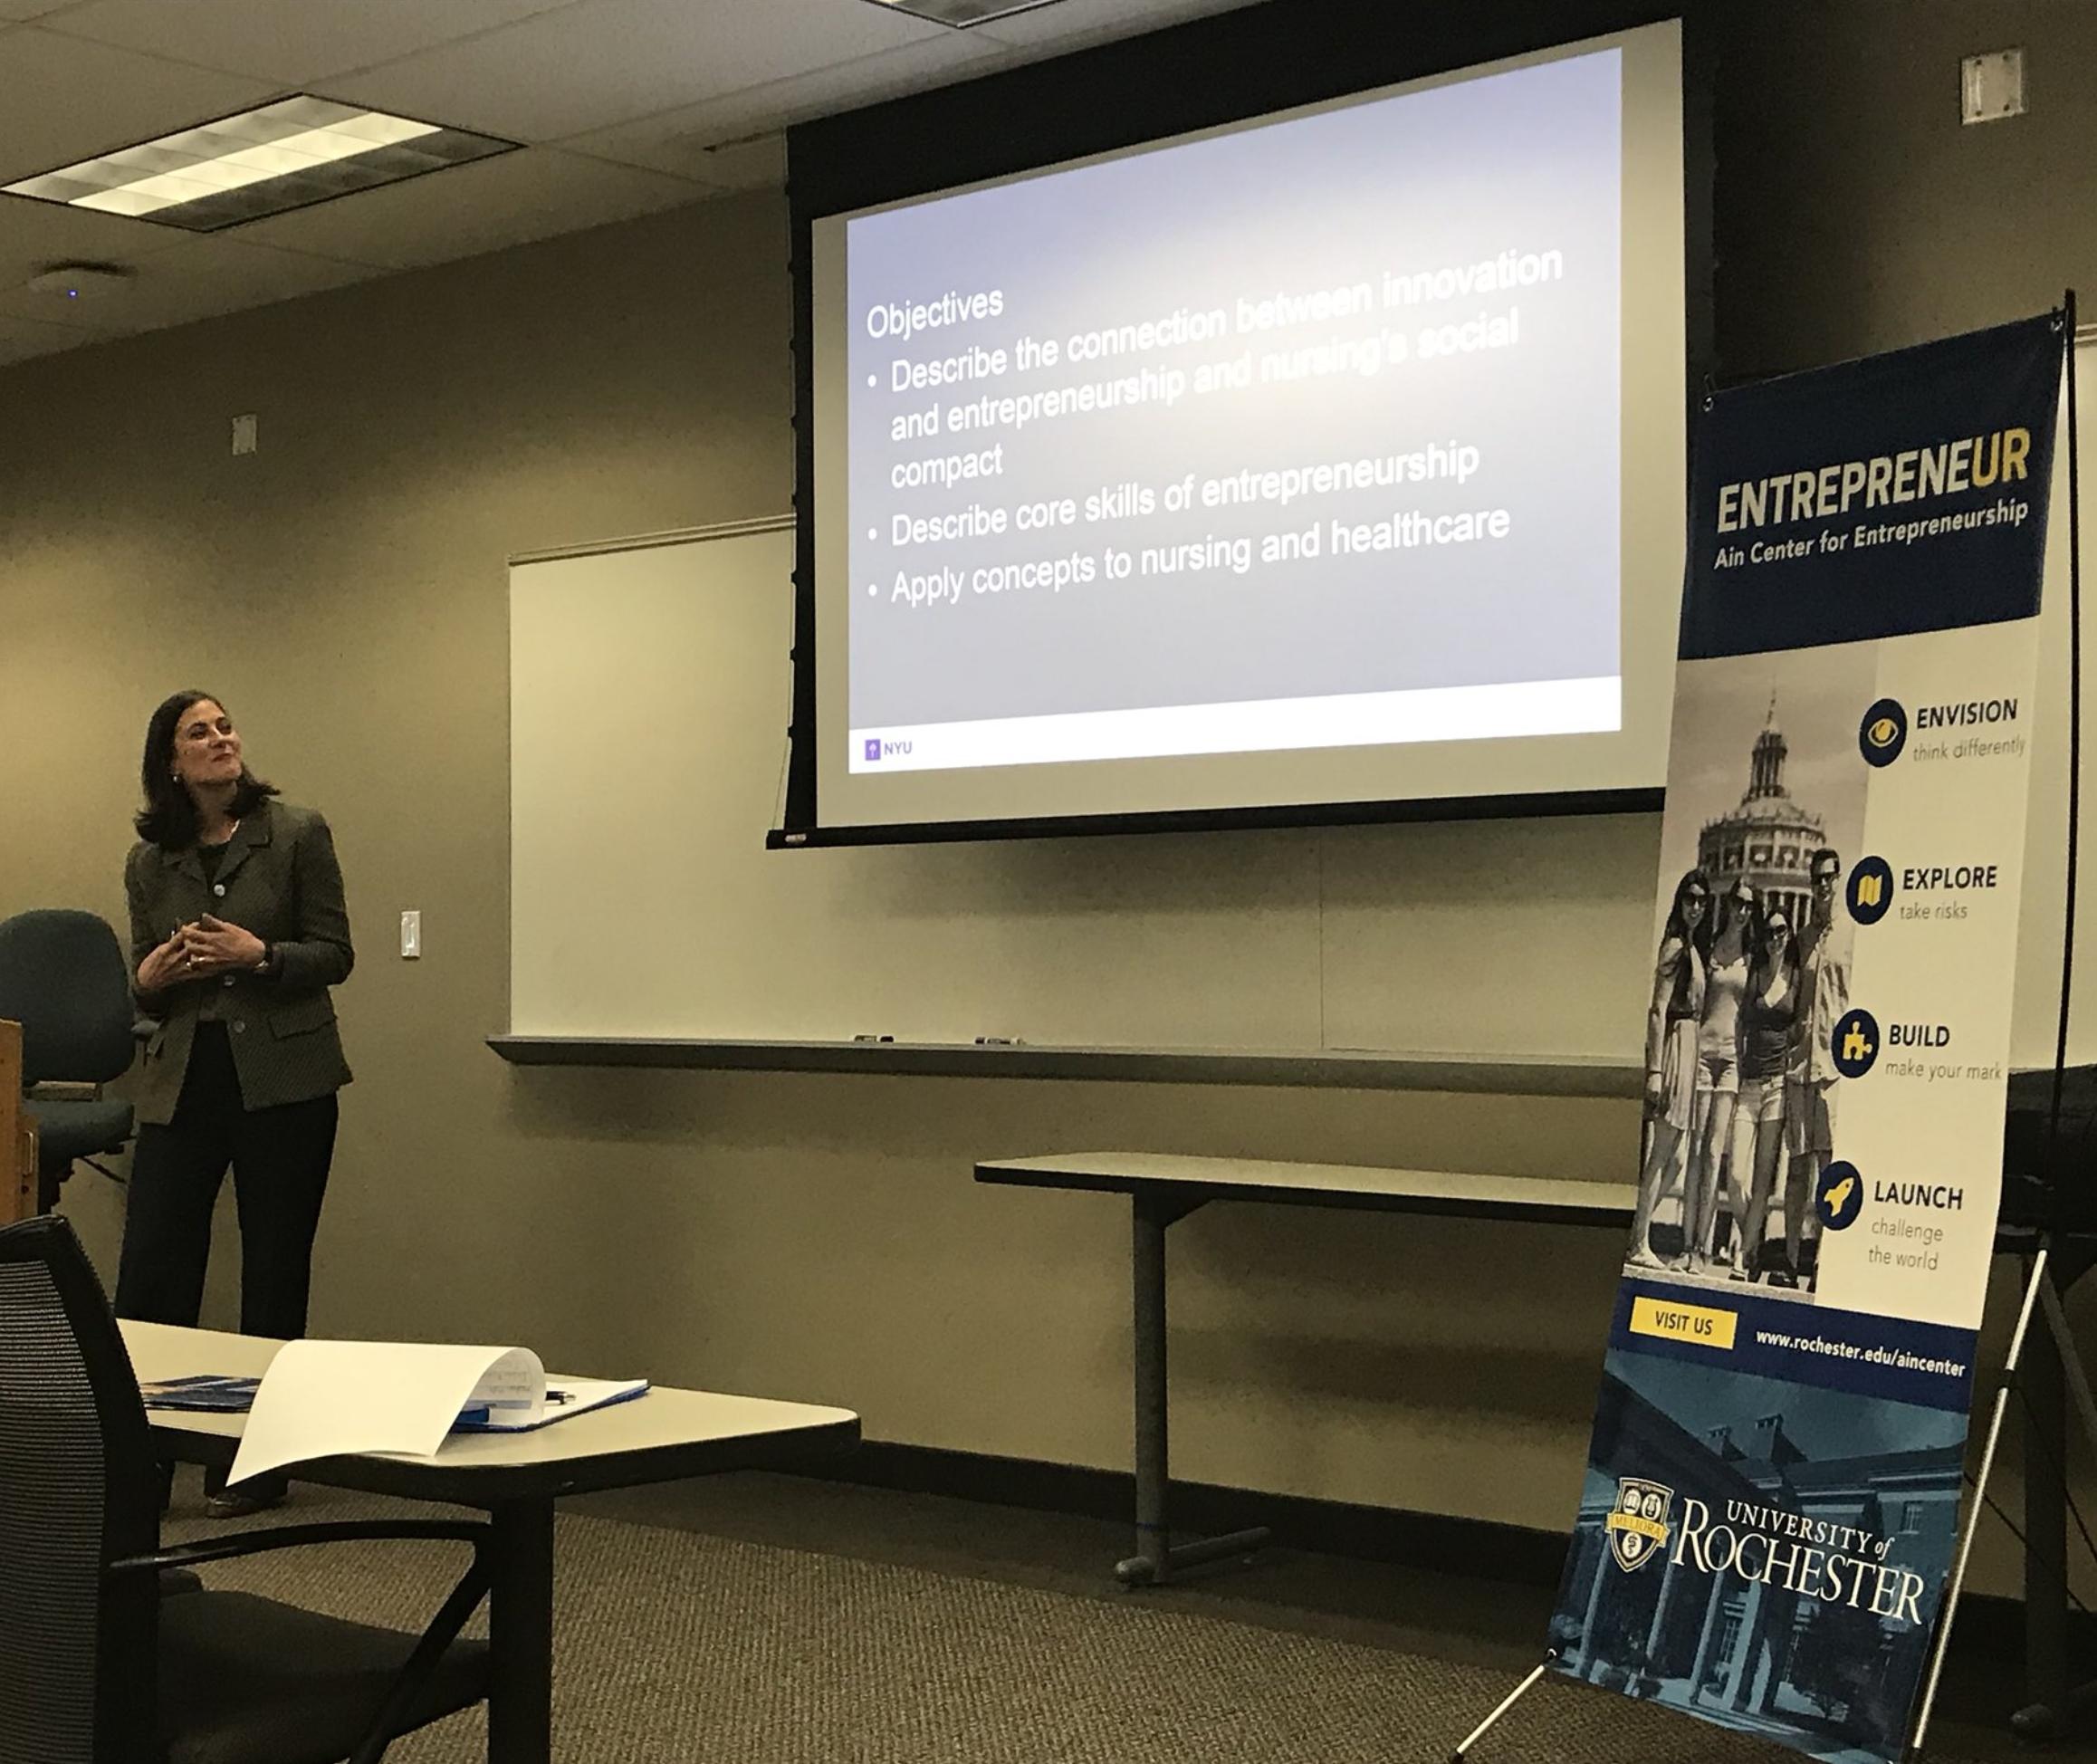 Tia Gilmartin presenting to entrepreneurial nurses